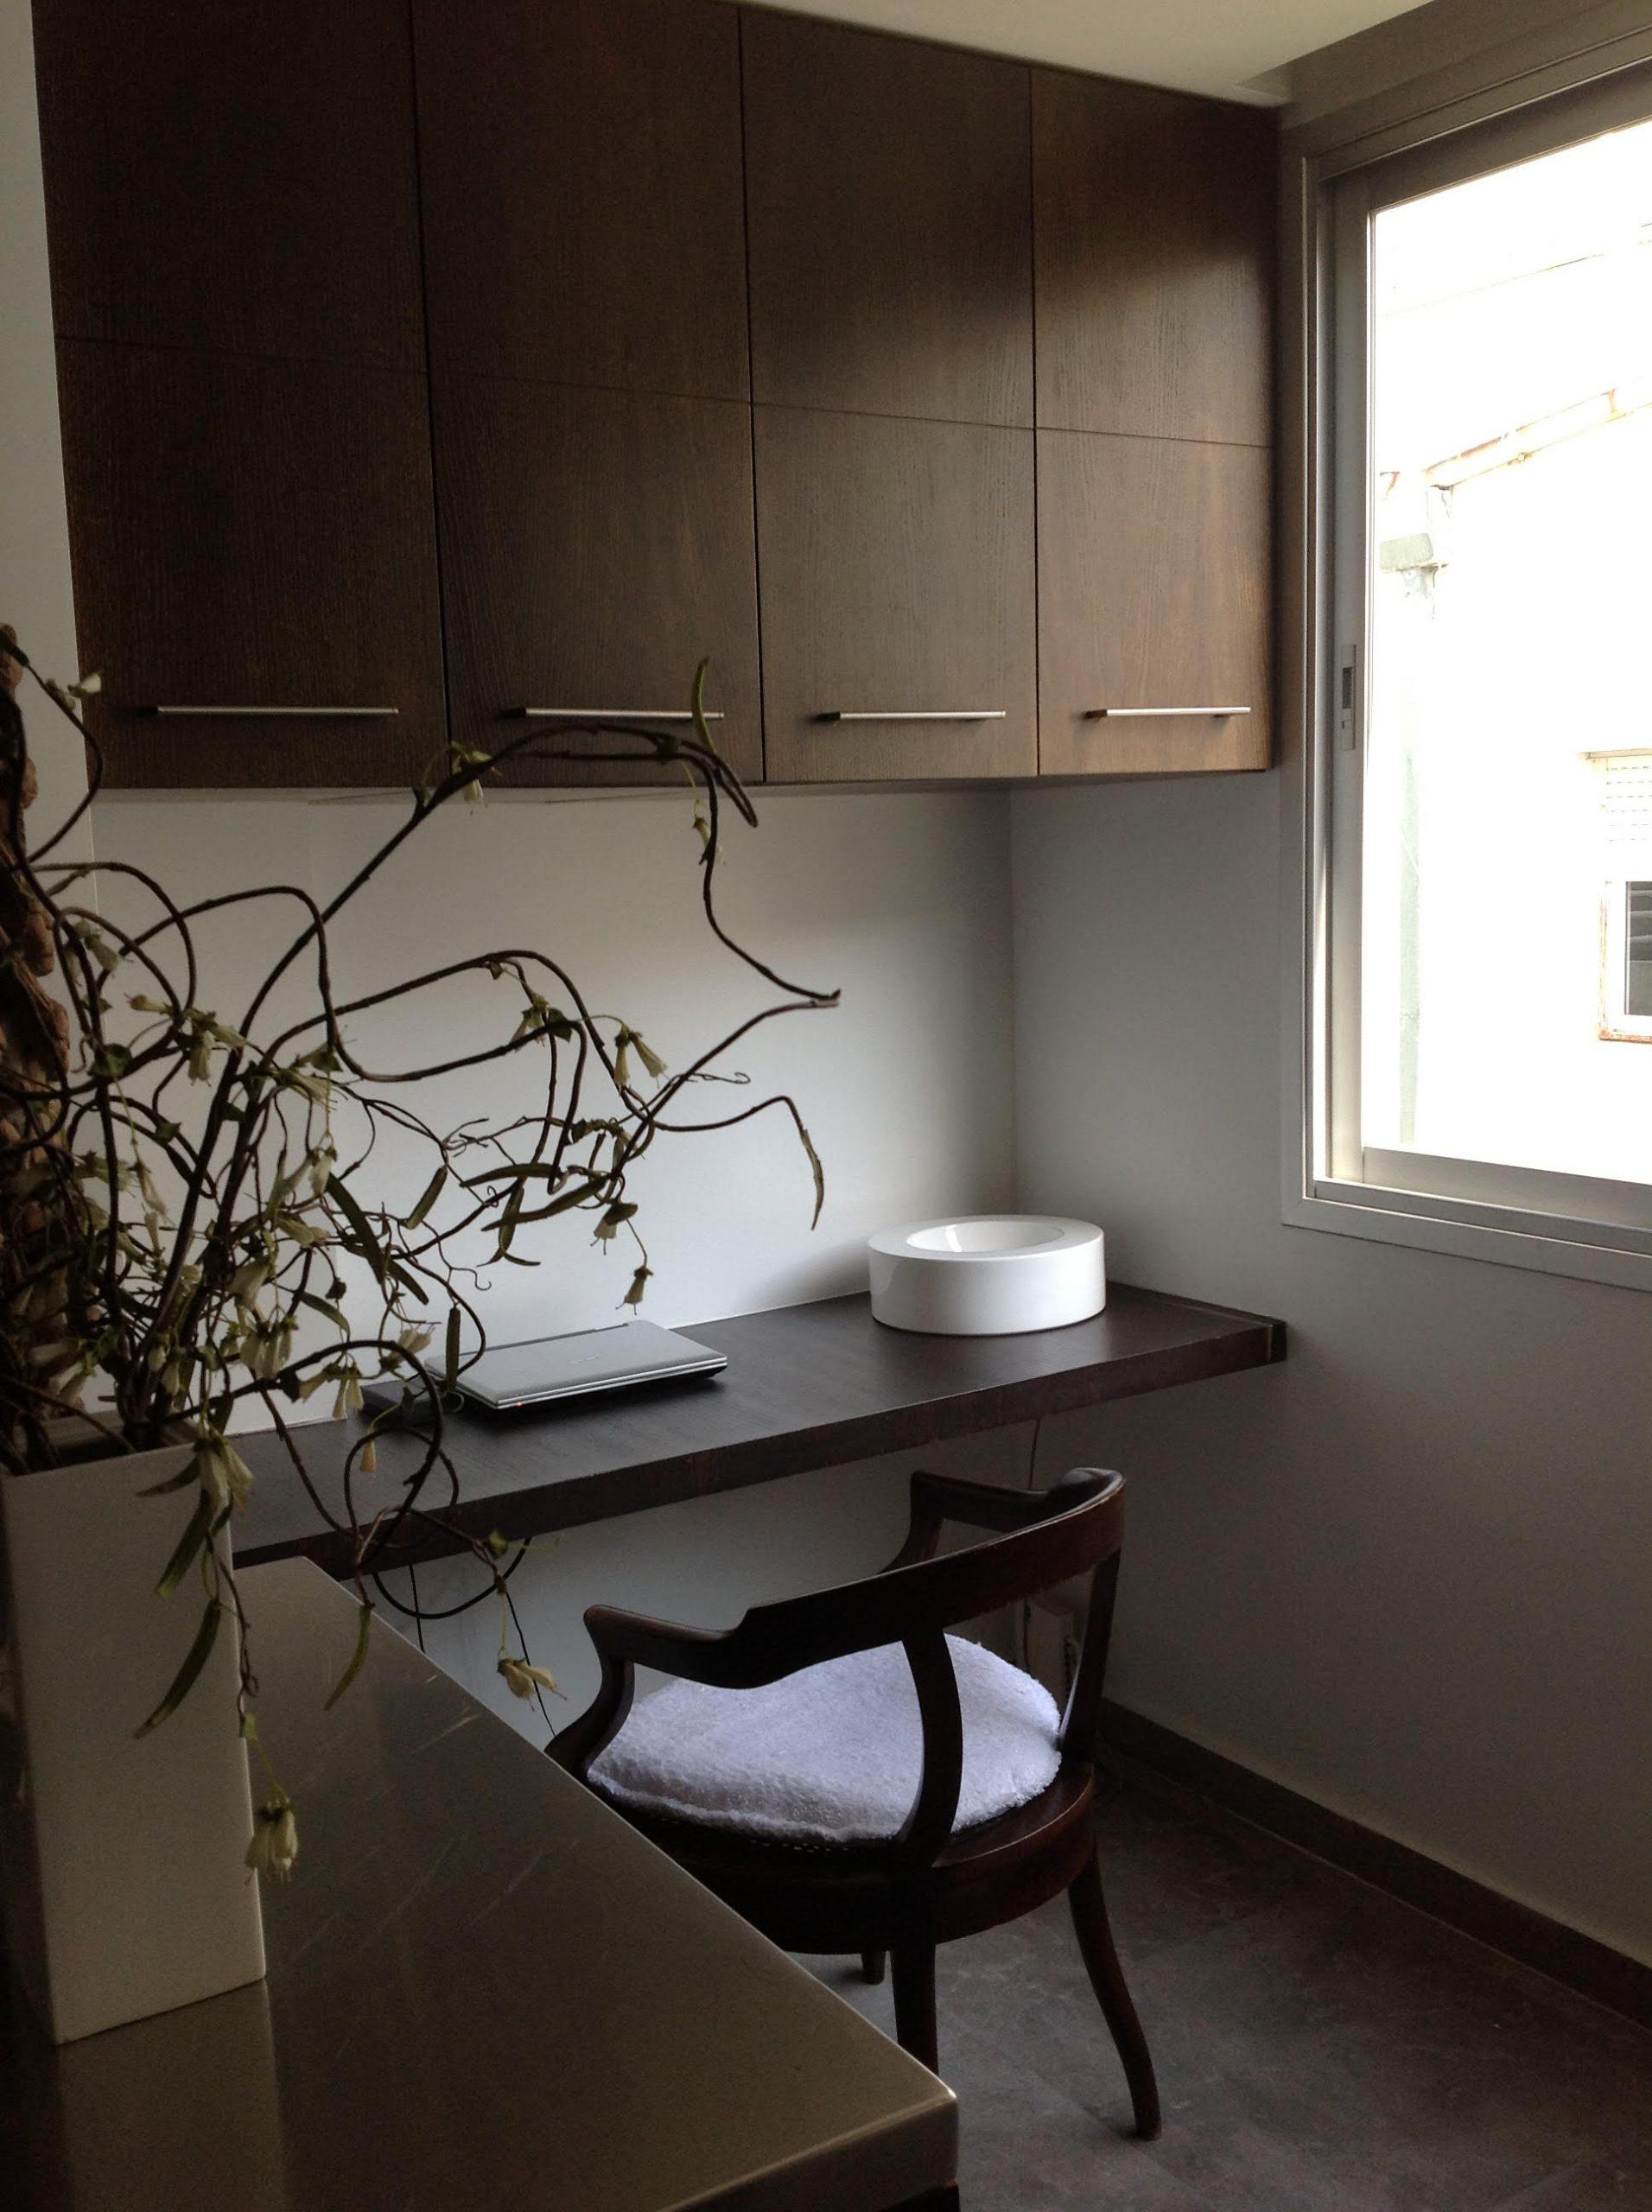 דירה במרכז תל-אביב – פינת עבודה